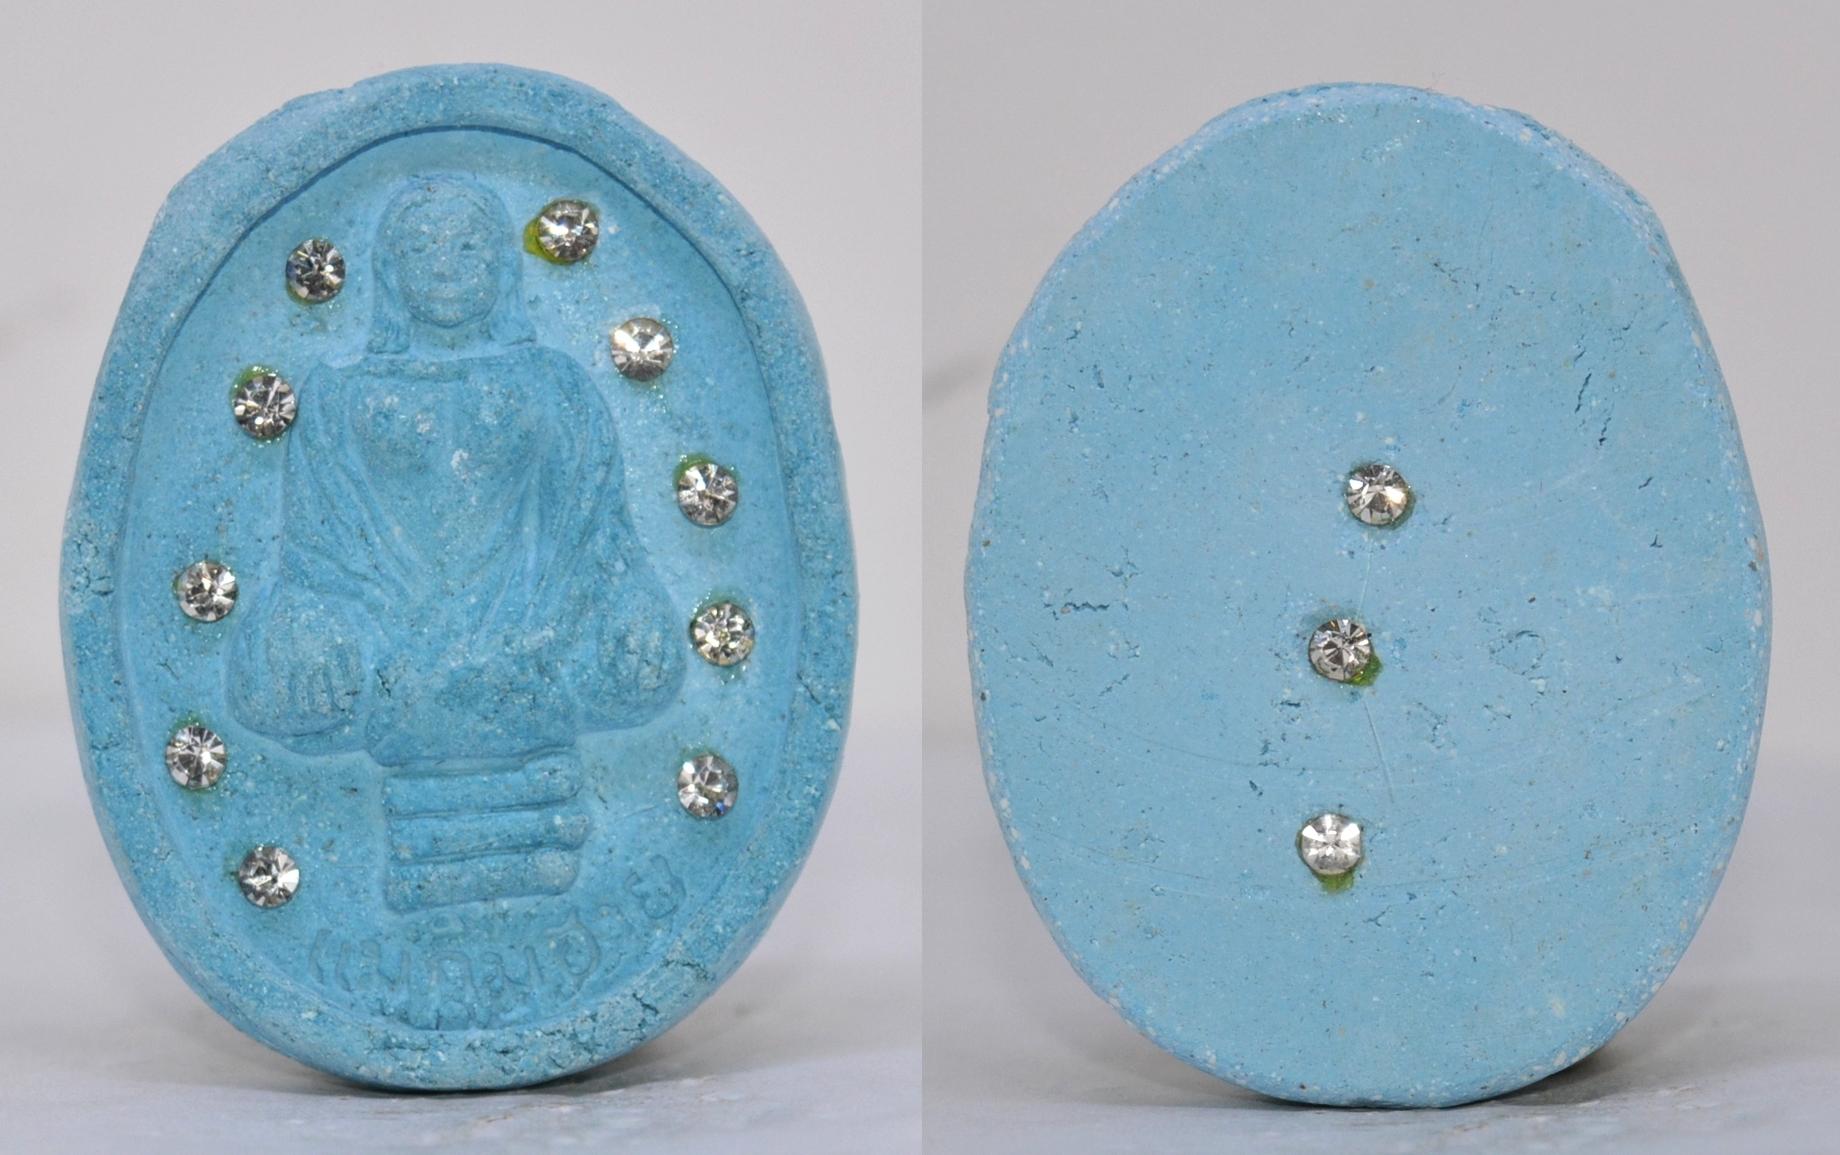 แม่กิมฮวย เนื้อผง ครูบาคำเป็ง สำนักสงฆ์มะค่างาม กำแพงเพชร 2562